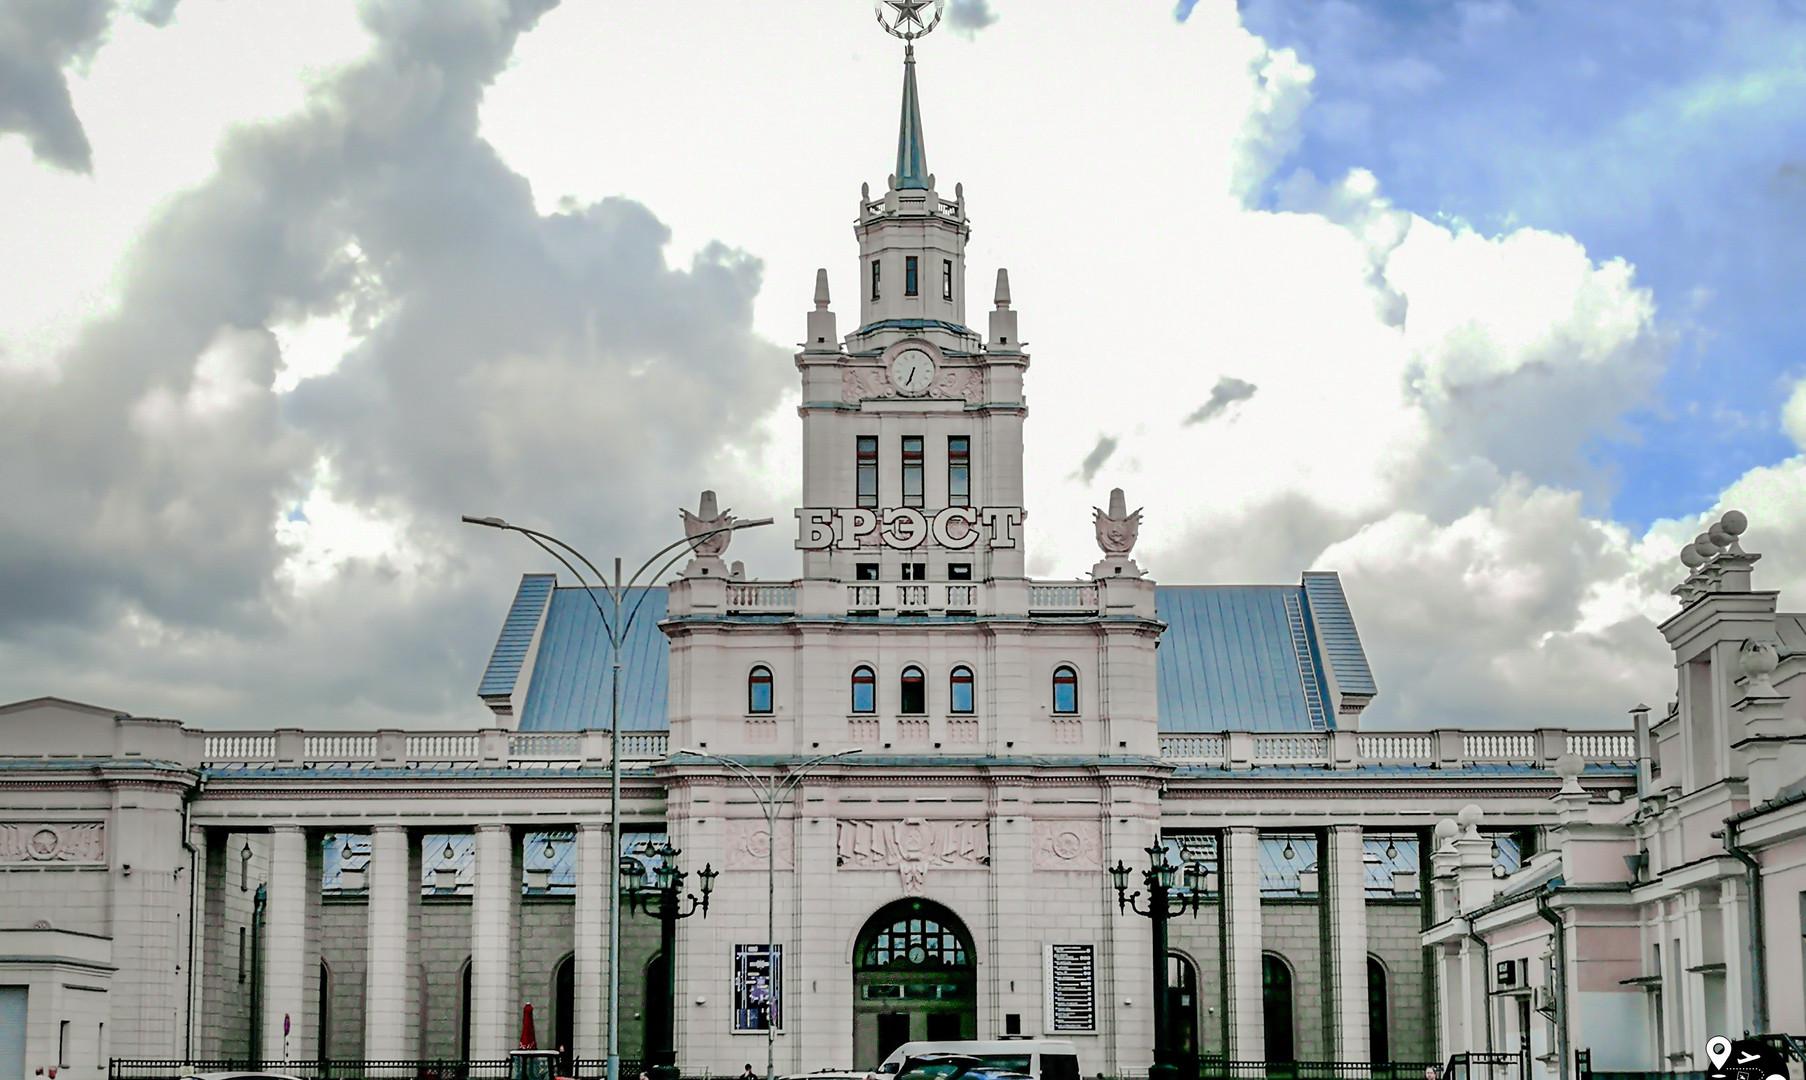 Ж/д вокзал Брест